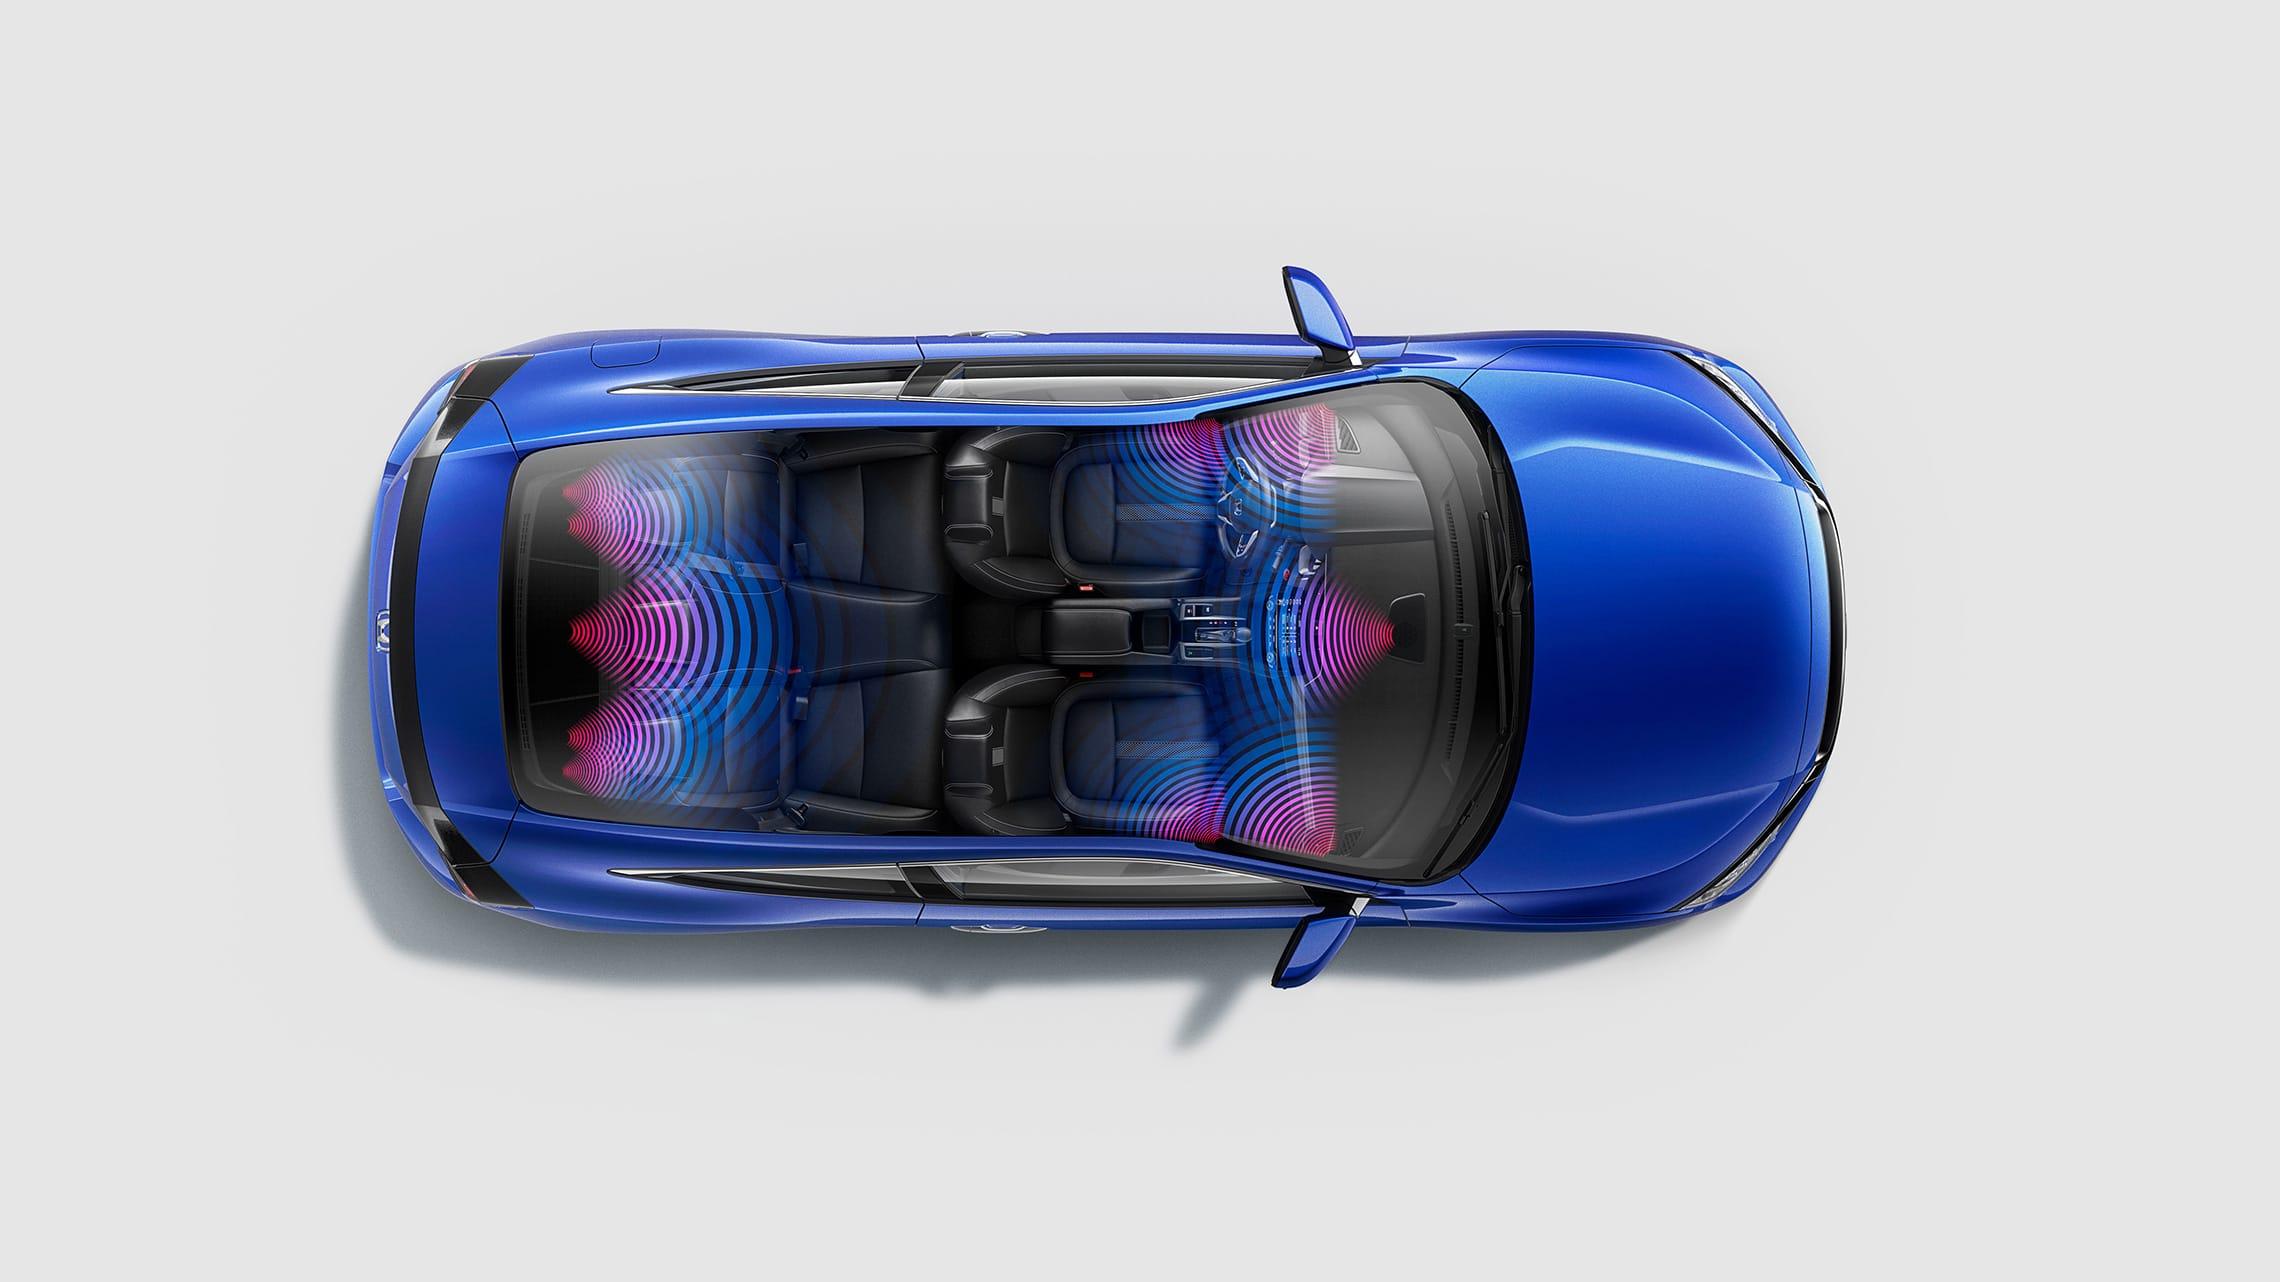 Vista interior aérea del Honda Civic Touring Coupé 2020 con ondas de sonido ilustradas que muestran el sistema de audio de alta calidad con 10 bocinas.